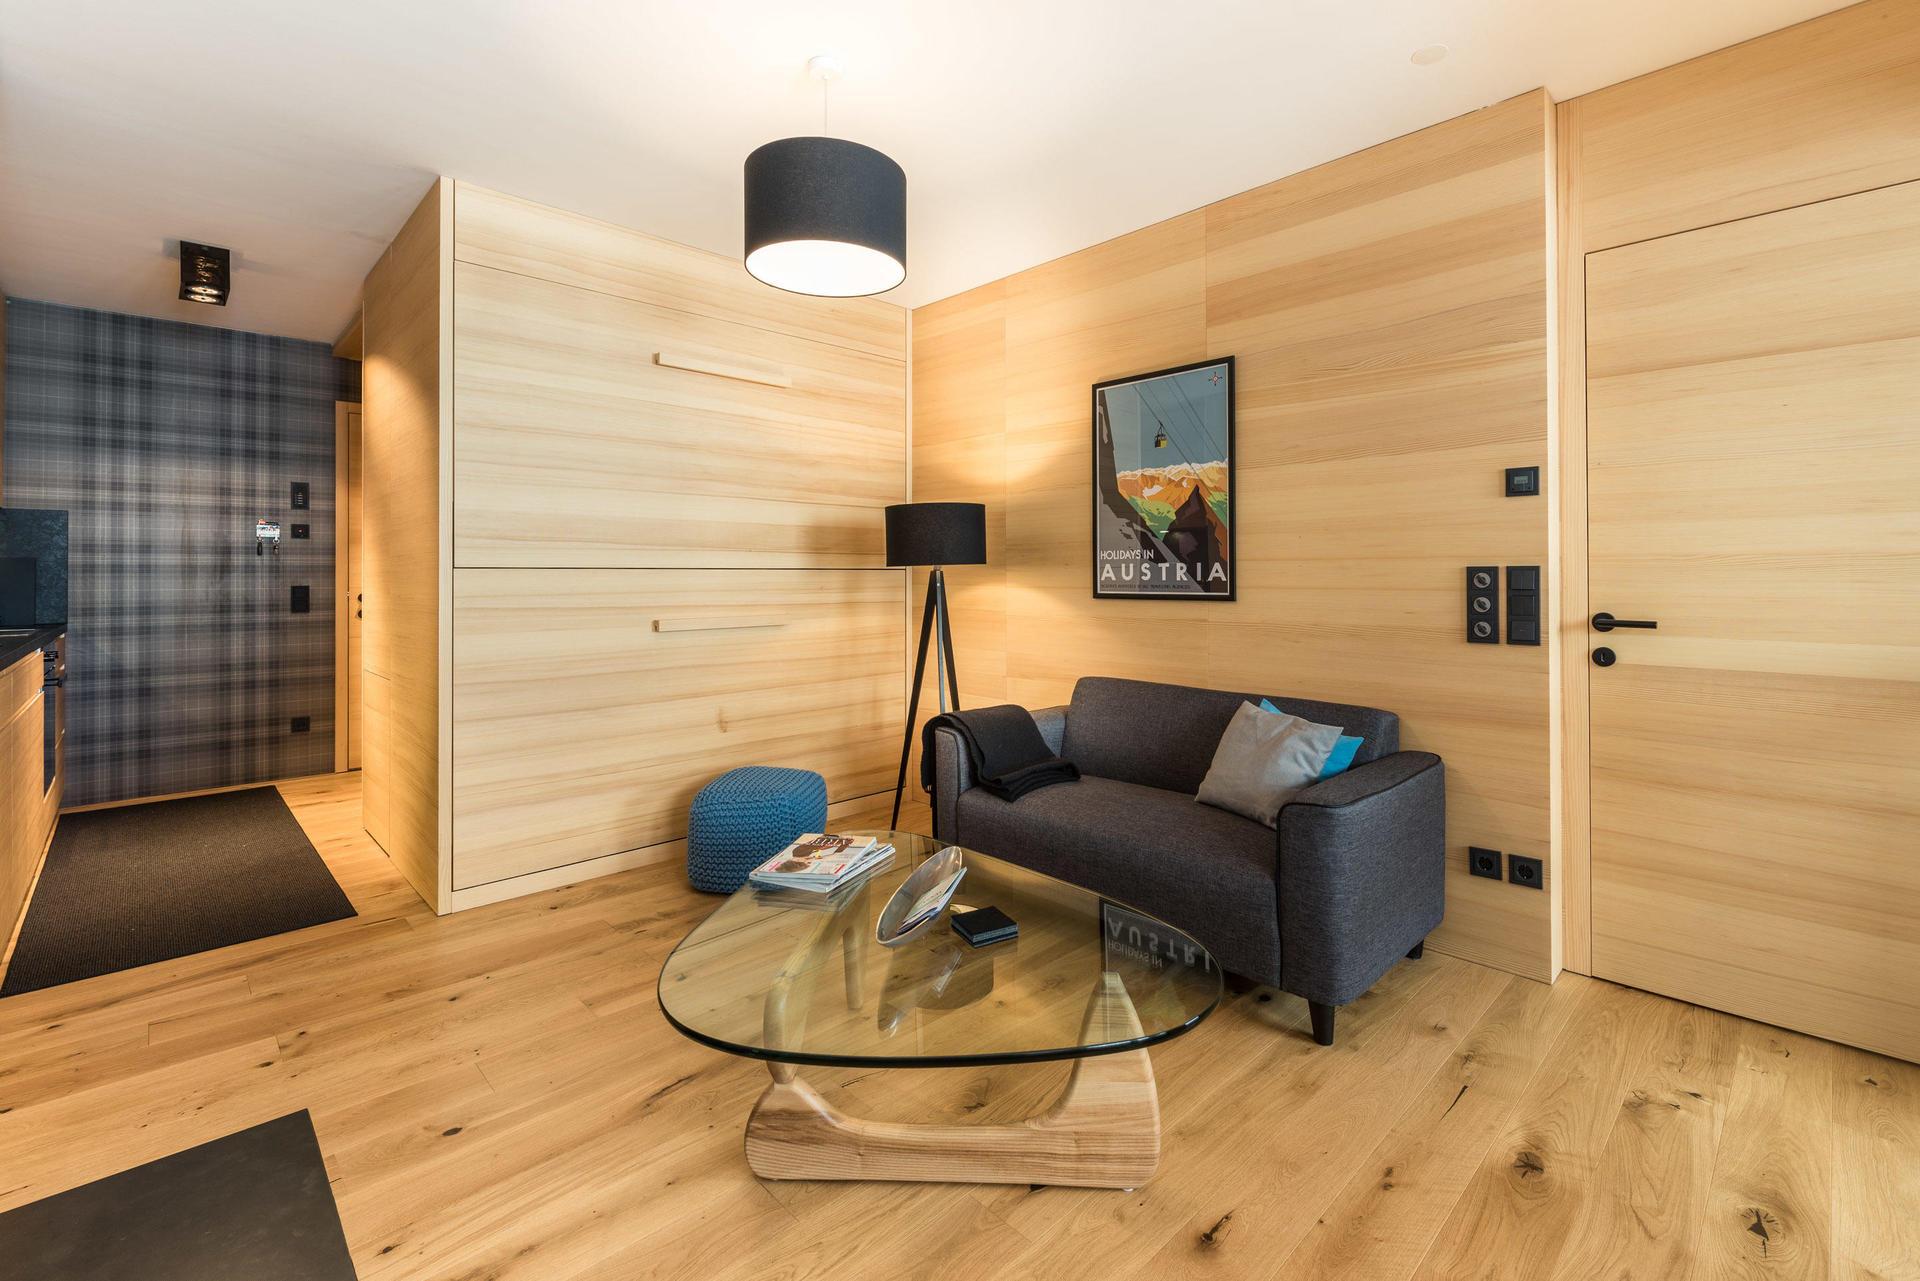 bertolini-photo-architecture-interior-4